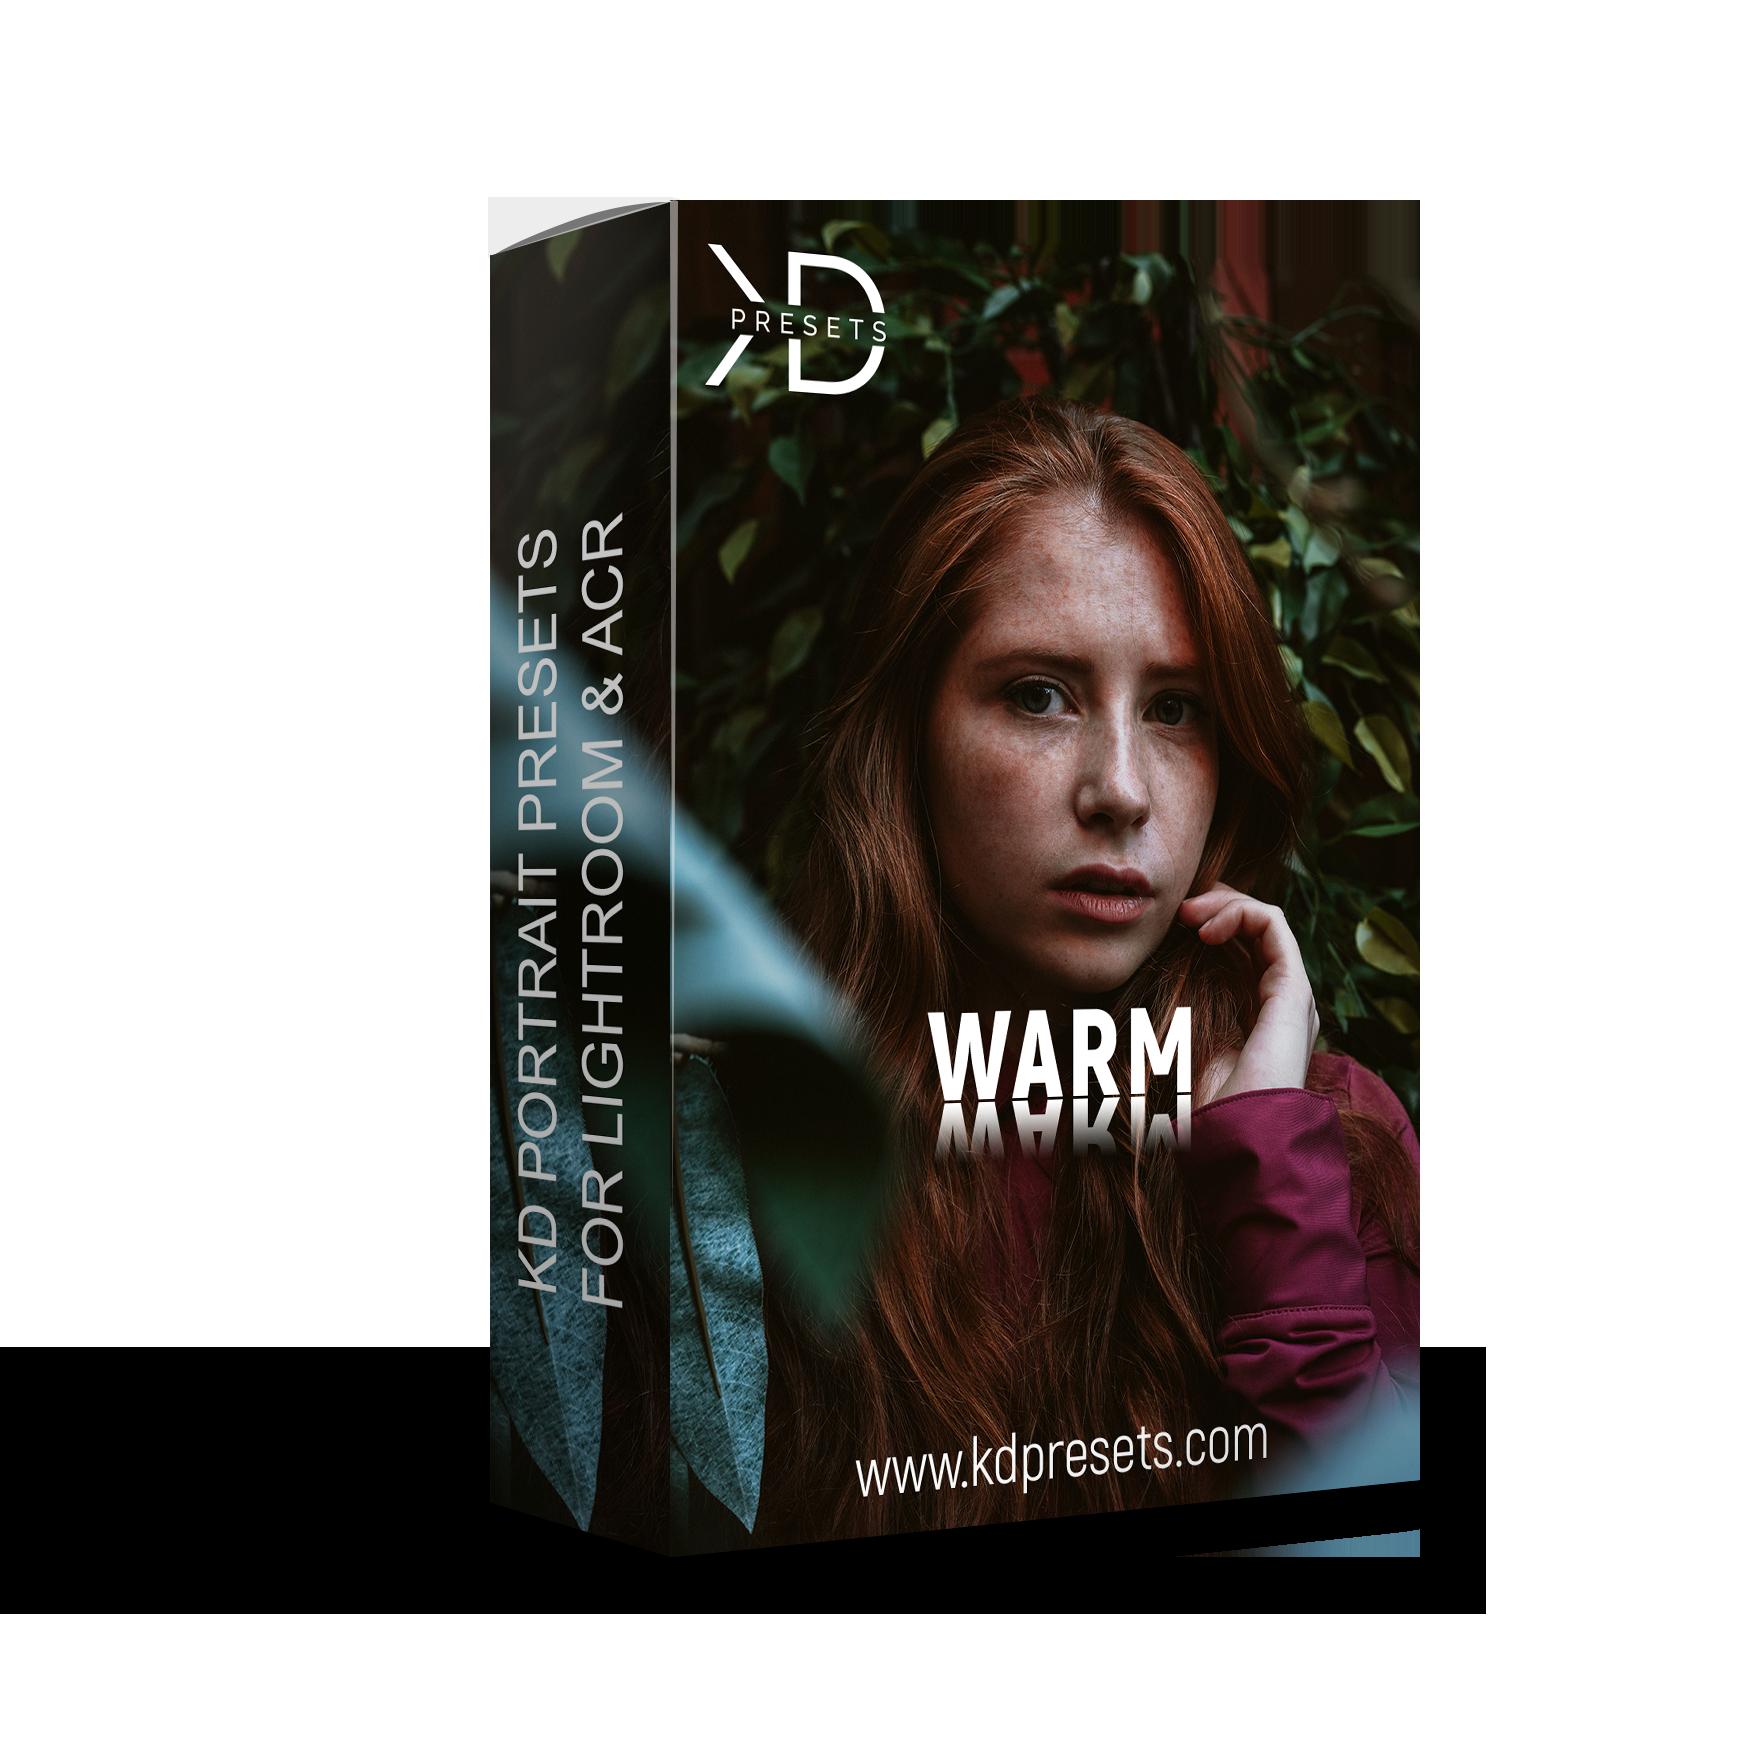 KD WARM – new